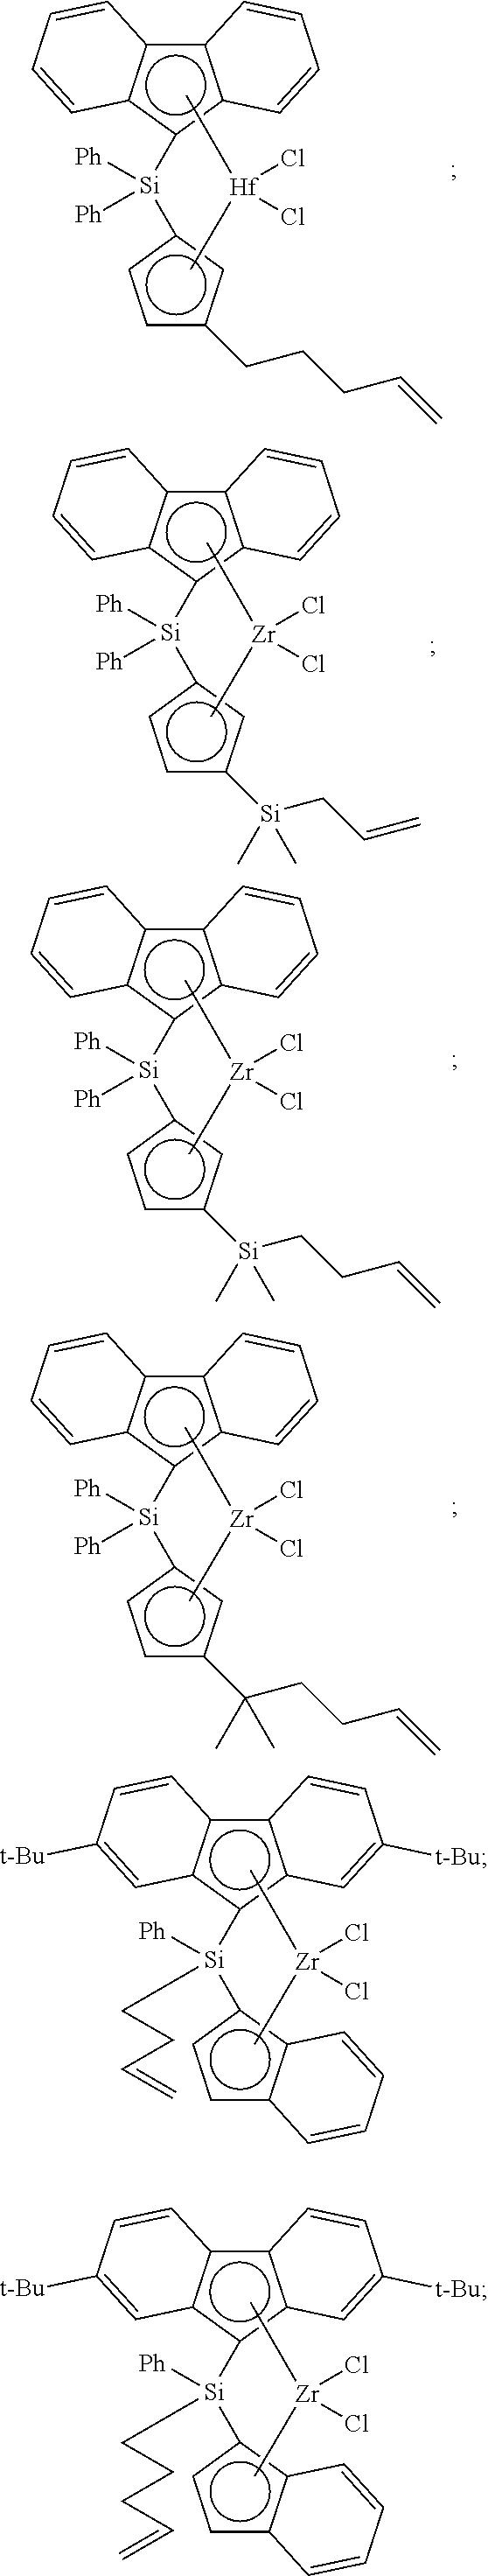 Figure US08450436-20130528-C00017